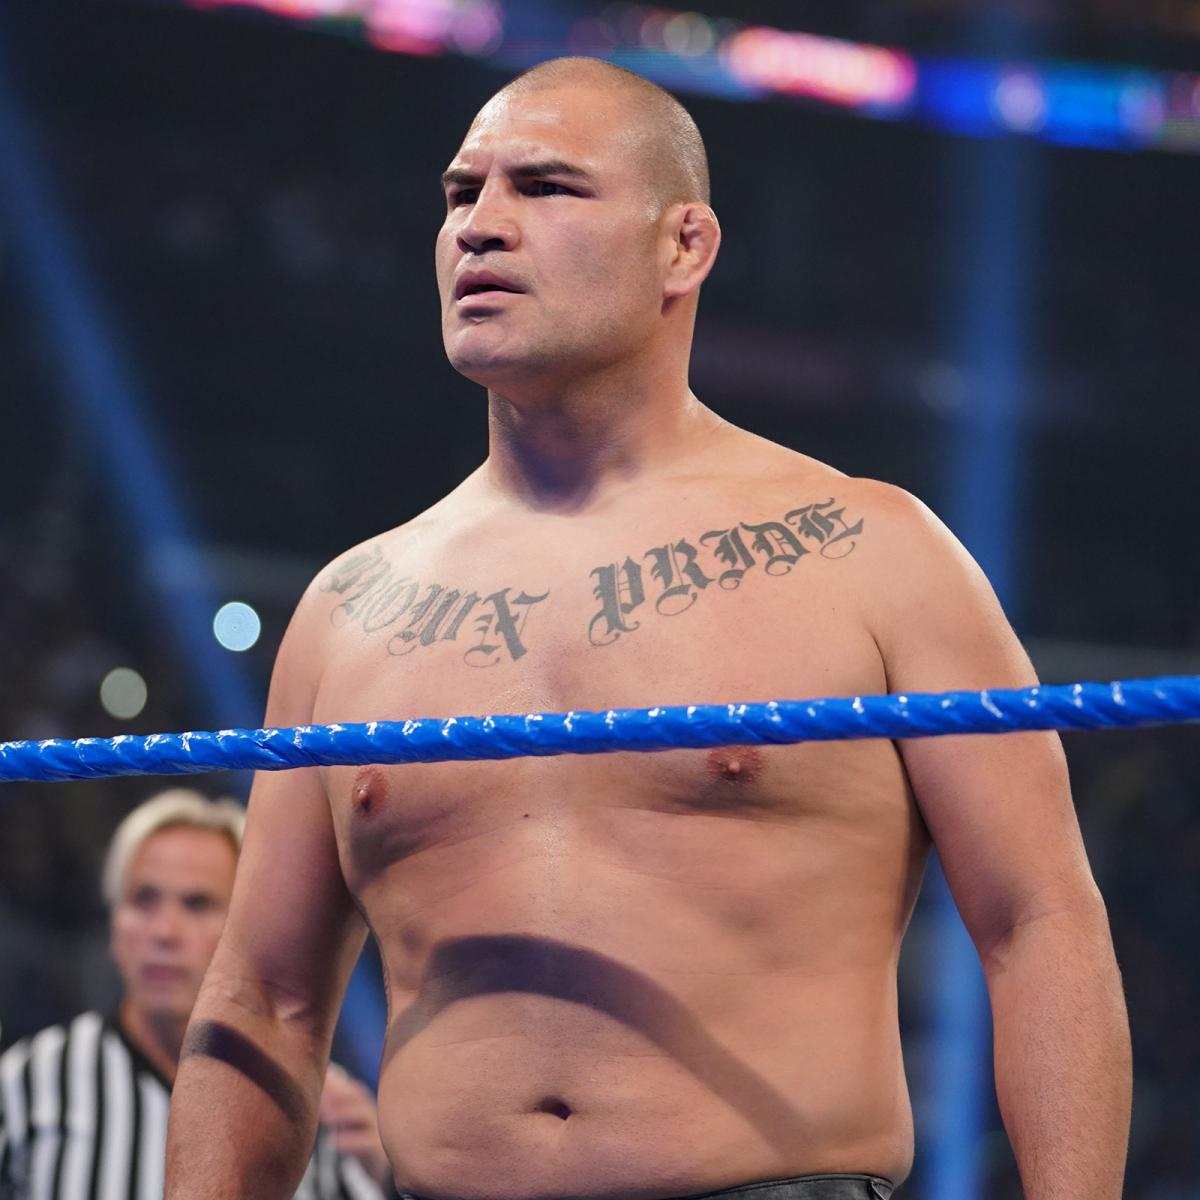 Caín Velásquez prepara su debut en WWE Caín Velásquez debuta en WWE atacando a Brock Lesnar (04/10/2019) / WWE